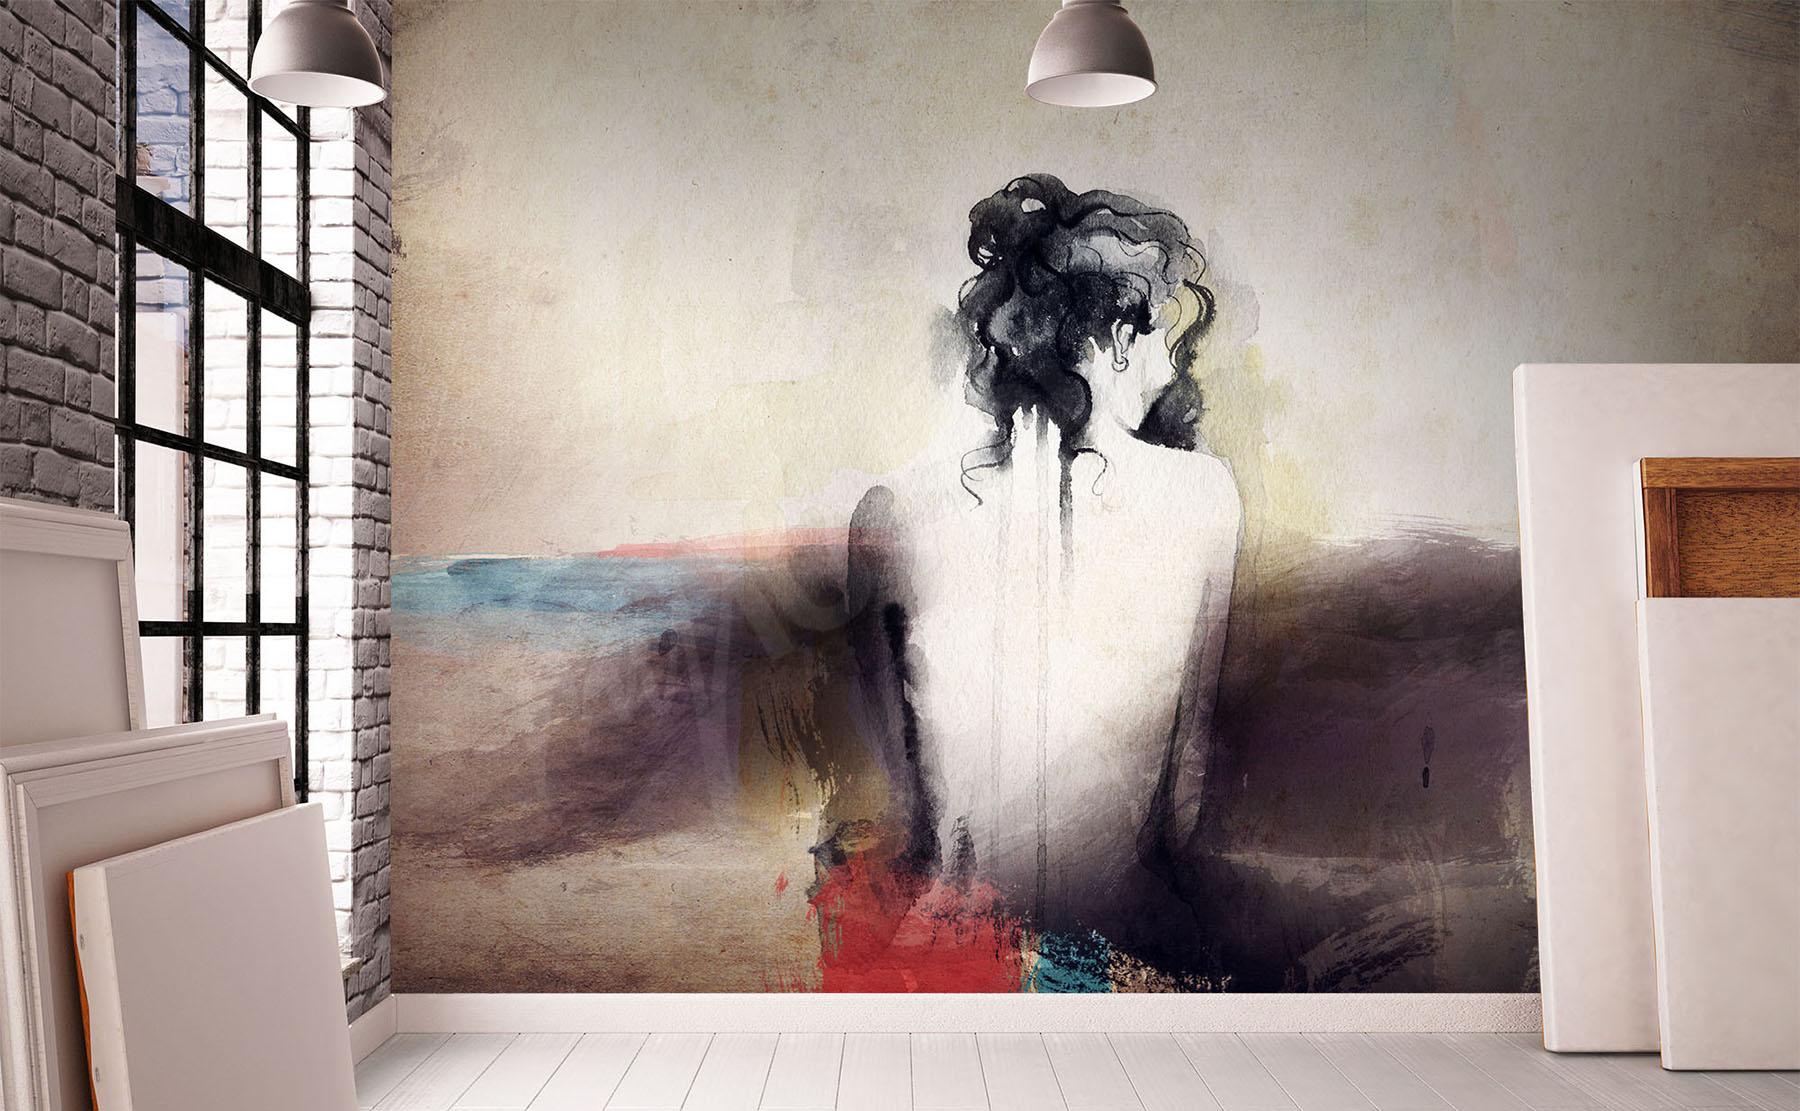 e6ec3d11fd Przejdź do produktu · Fototapeta kobieta malowana akwarelą